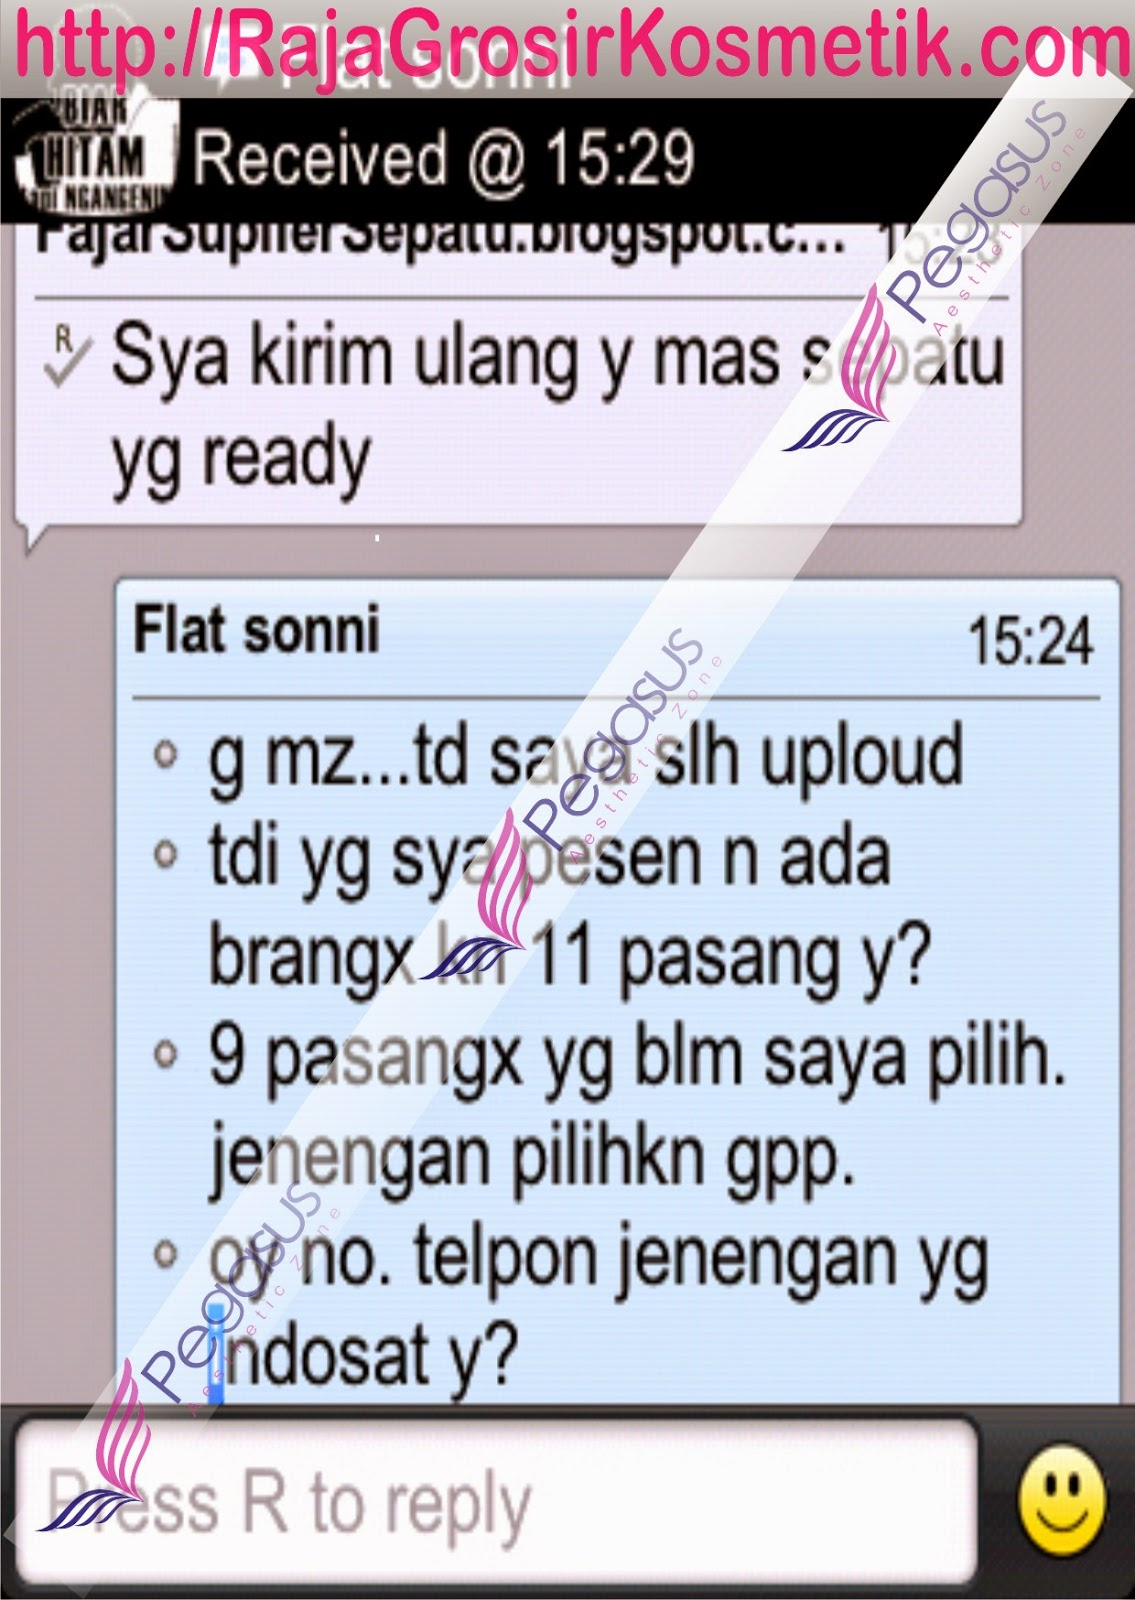 Sepatu Wanita Online, Sepatu Wanita Murah, Sepatu Wanita Terbaru, http://www.distributorsepatumurah.com/